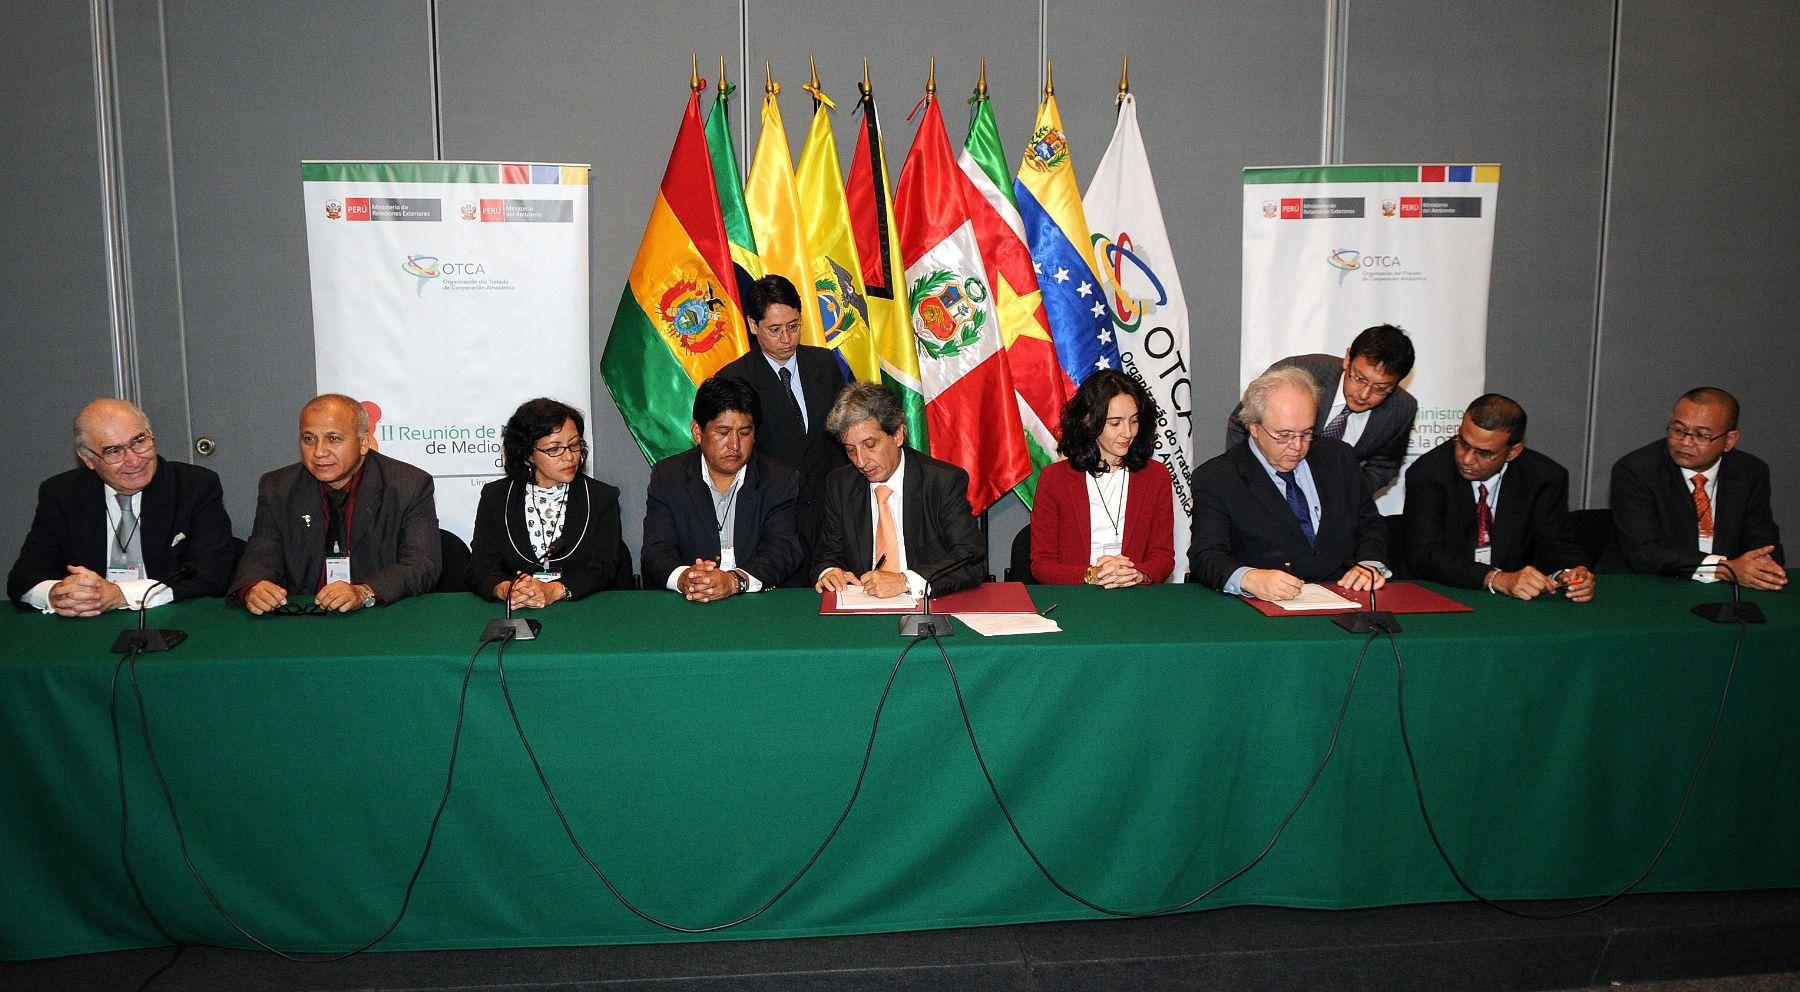 Los Ministros del Ambiente de la Organización del Tratado de Cooperación Amazónica suscribieron en la sede de la Cancillería los Compromisos de Lima, resultado de la II Reunión de Ministros del Ambiente de la OTCA .  Foto: ANDINA/RREE/Daniel Malpica.